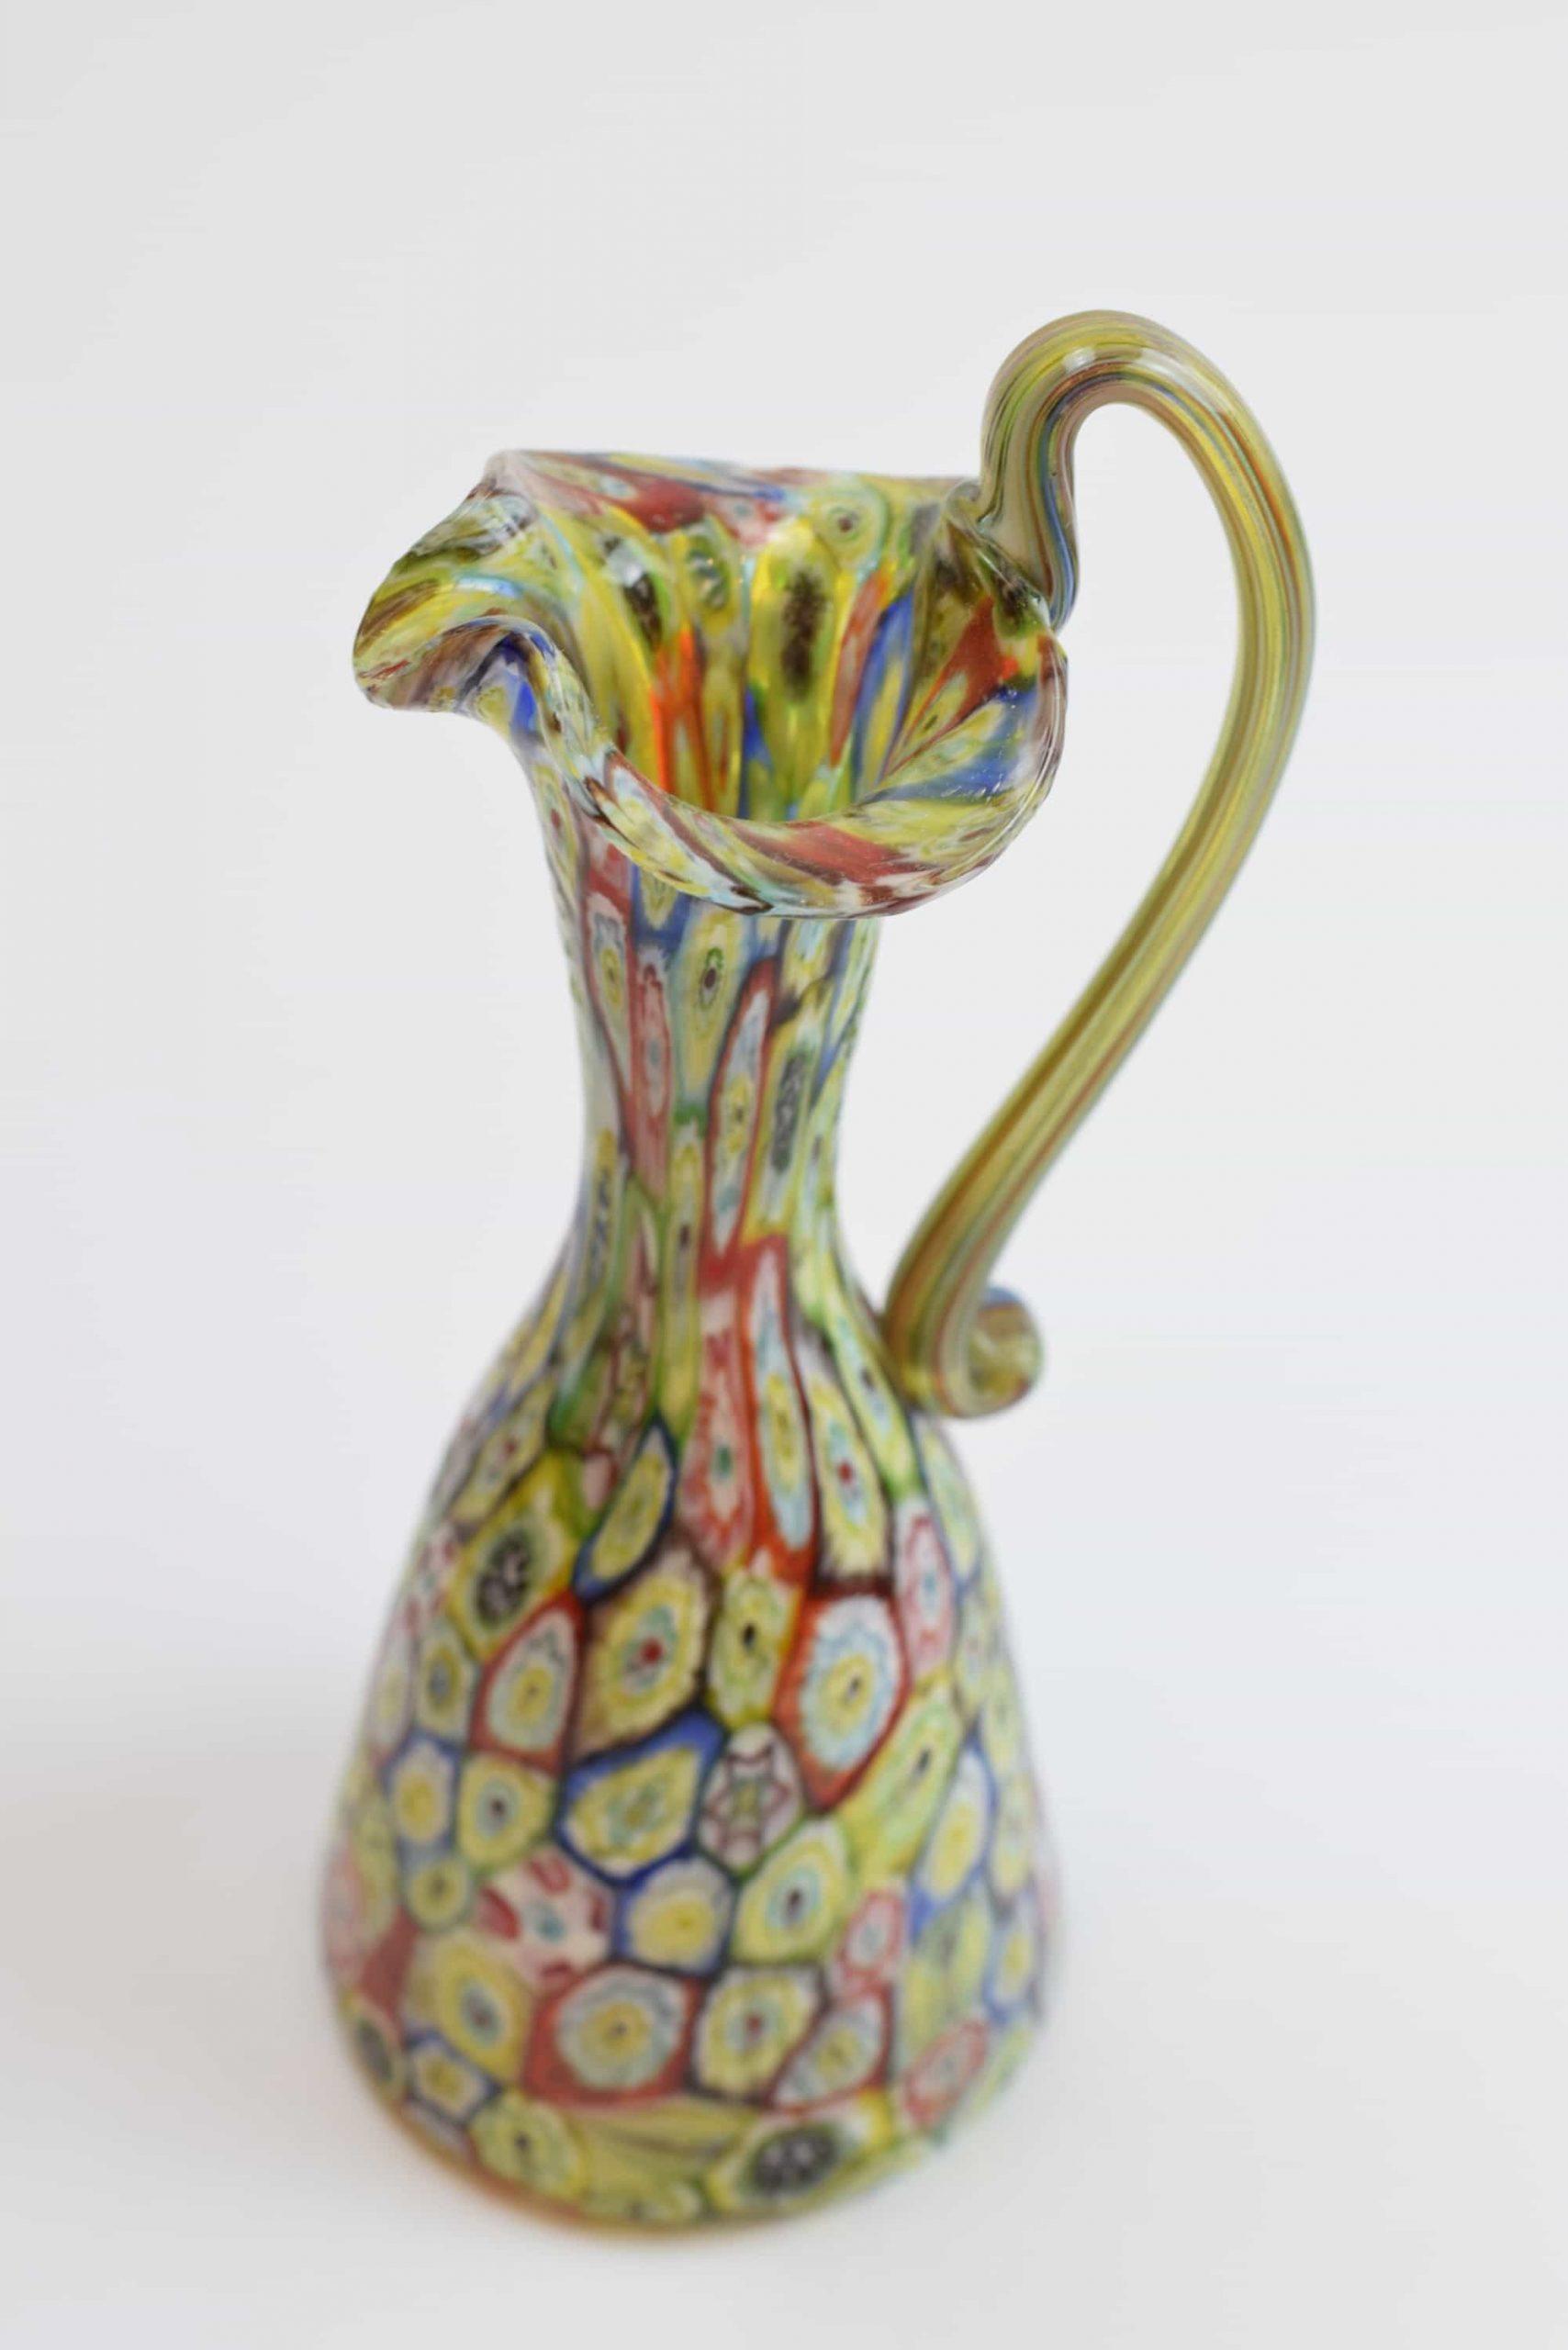 Murrine vase from the 30s